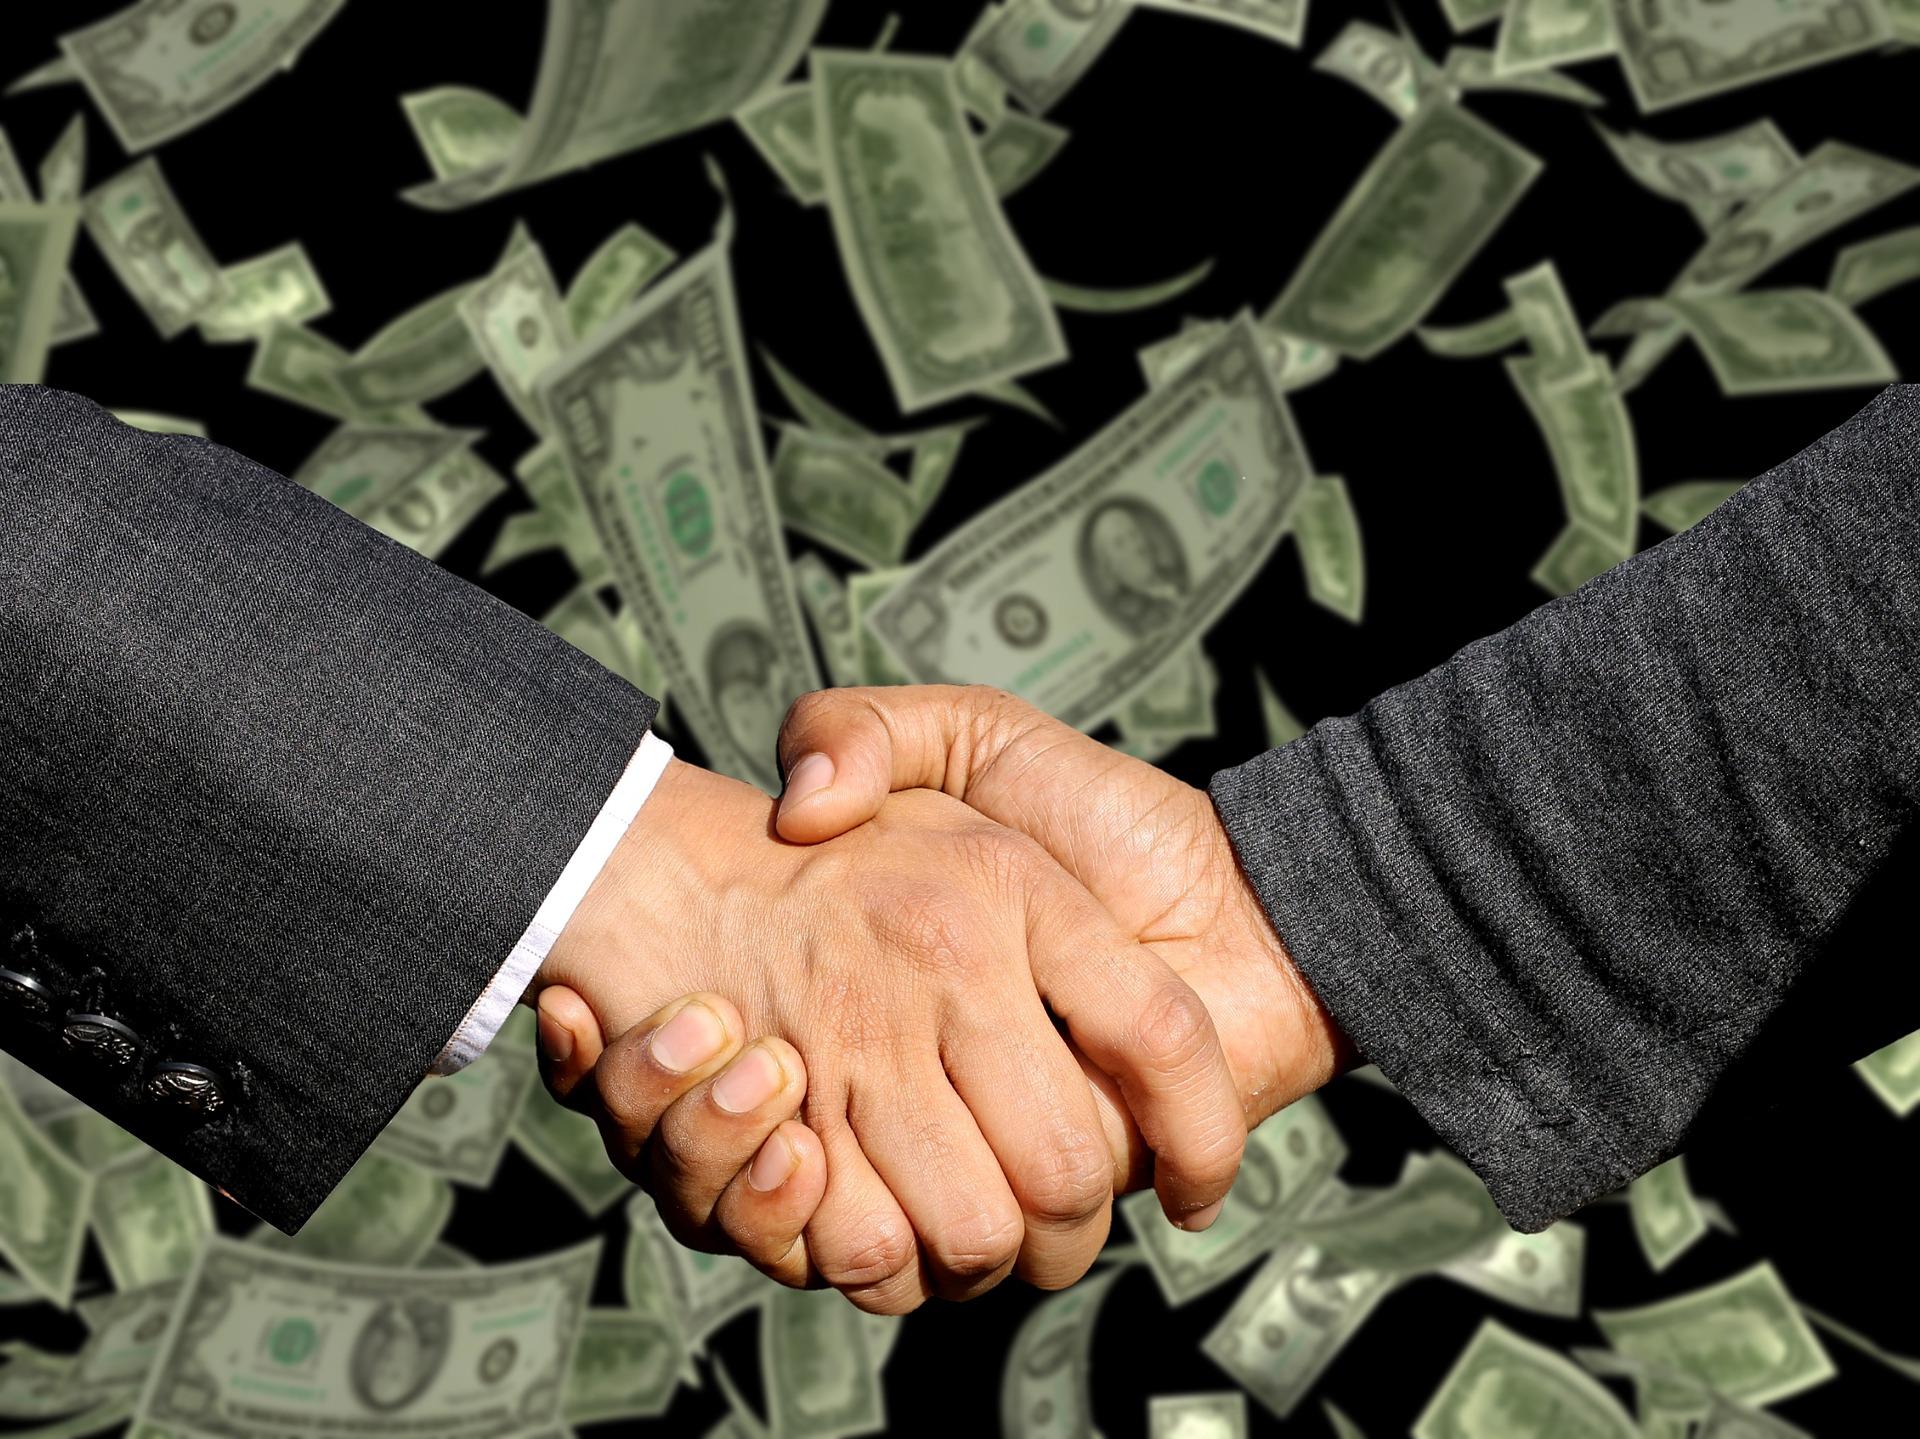 Kubo Financiero recibe inversión de 27.5 mdd